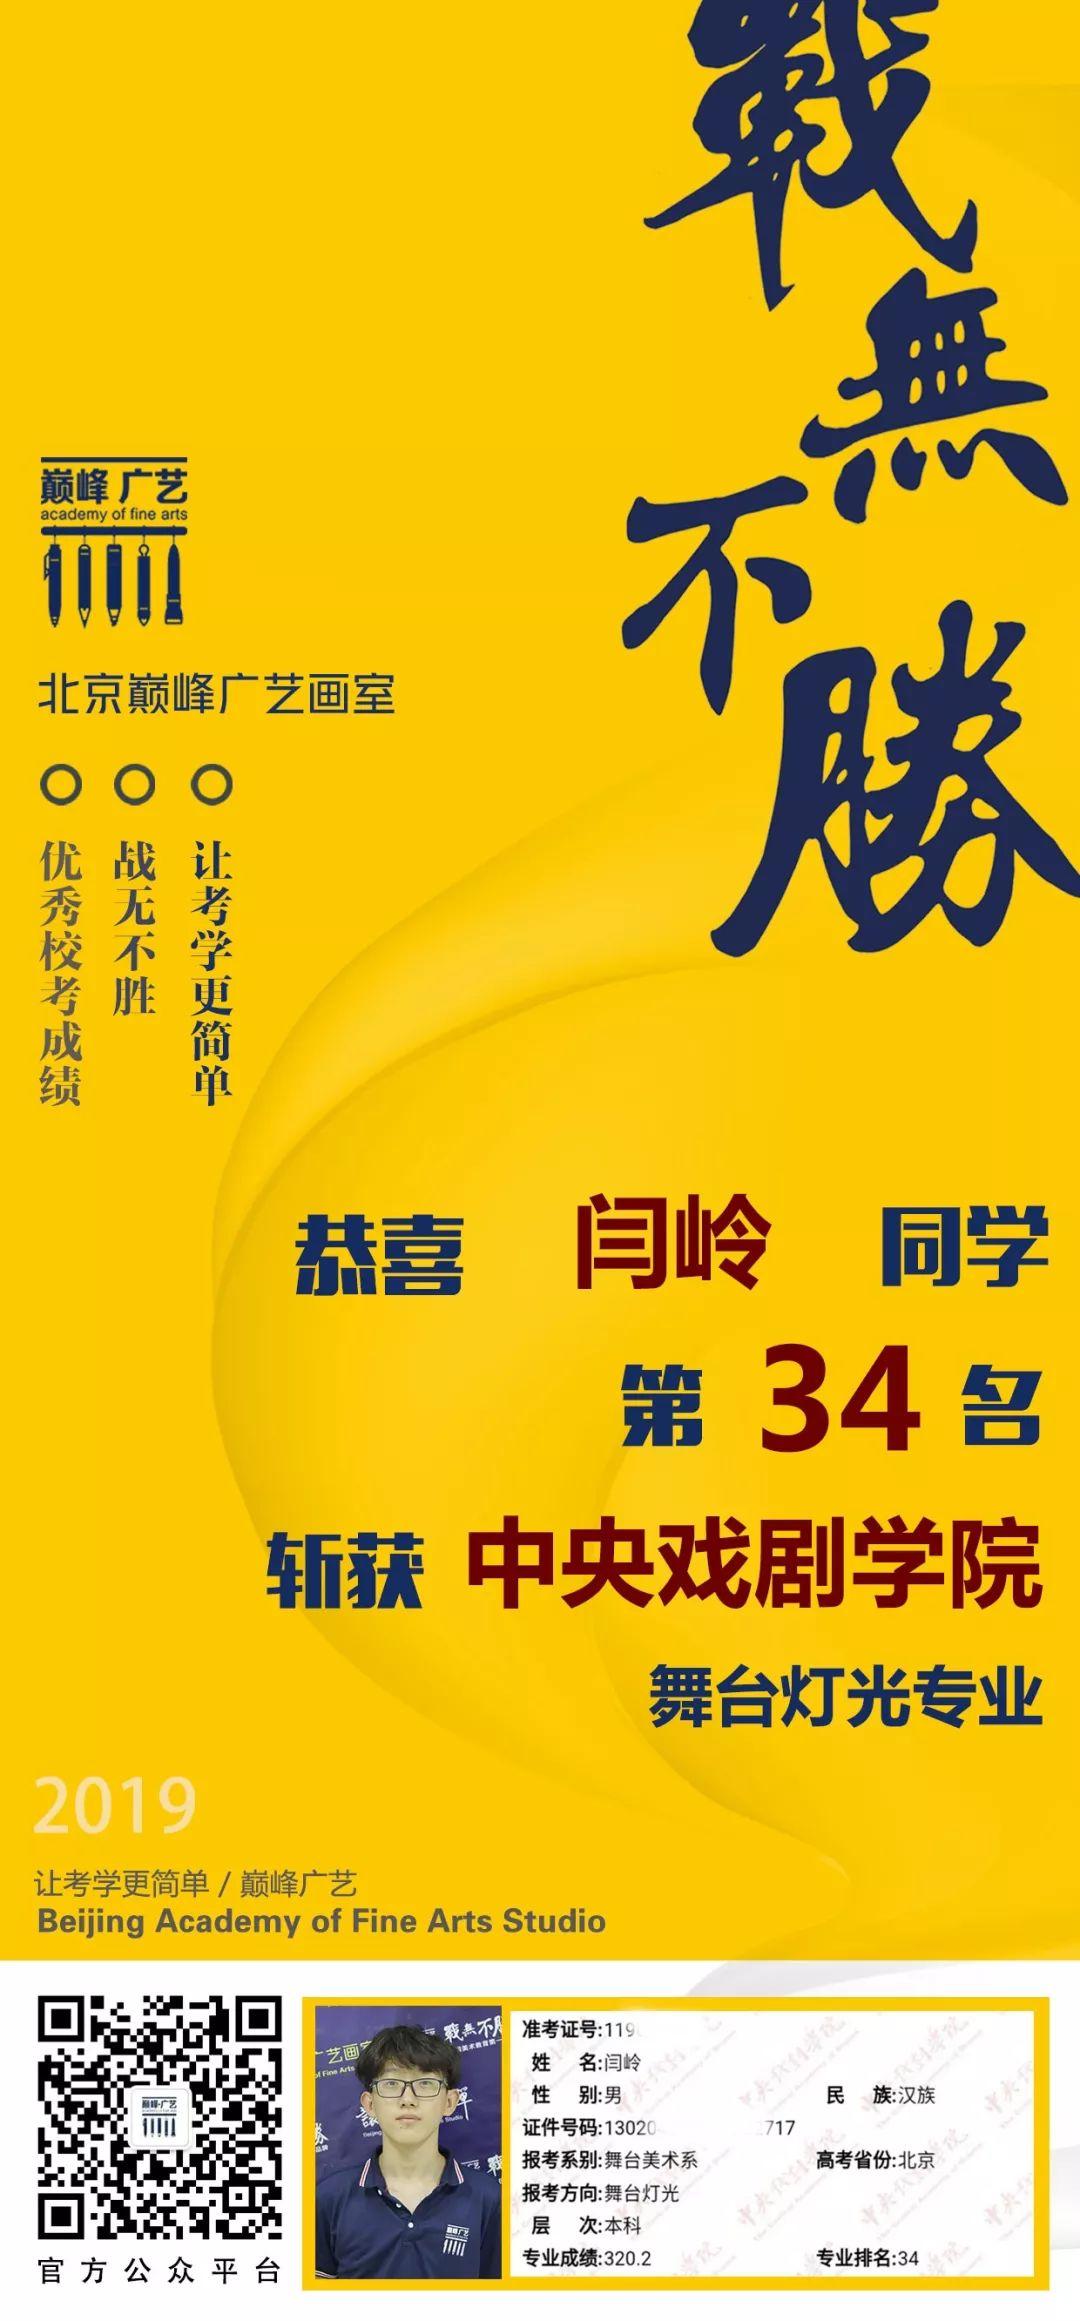 中国传媒大学,北京电影学院,中央戏剧学院,北京巅峰广艺画室       58